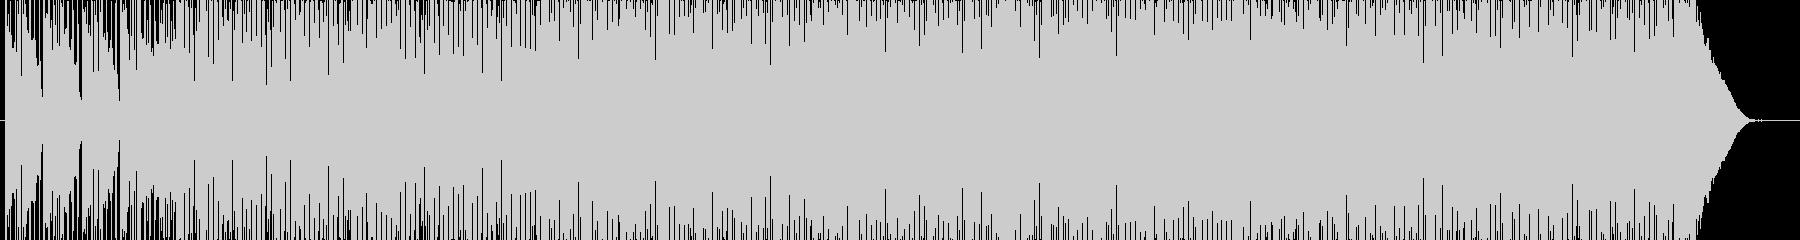 オトナな雰囲気のピアノとハウスビートで…の未再生の波形